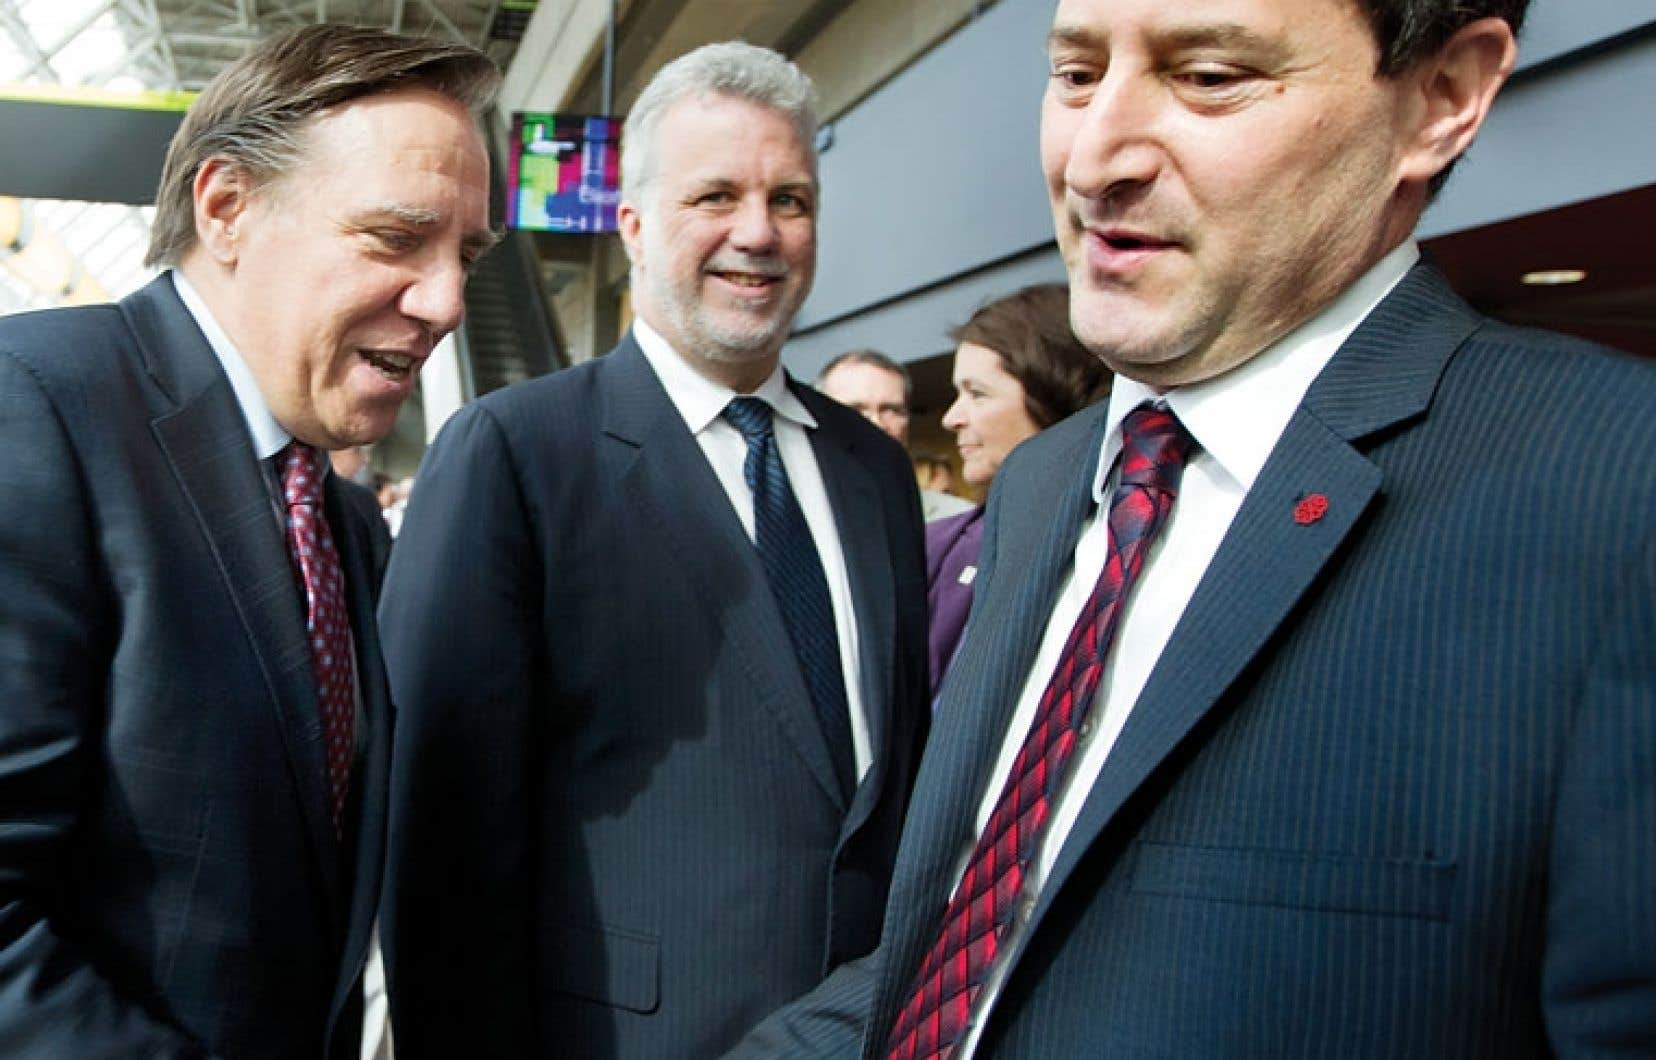 <div> François Legault, Philippe Couillard et Michael Applebaum ont participé jeudi à l'ouverture des assises de l'UMQ, le jour même où l'UPAC frappait à Laval.</div>